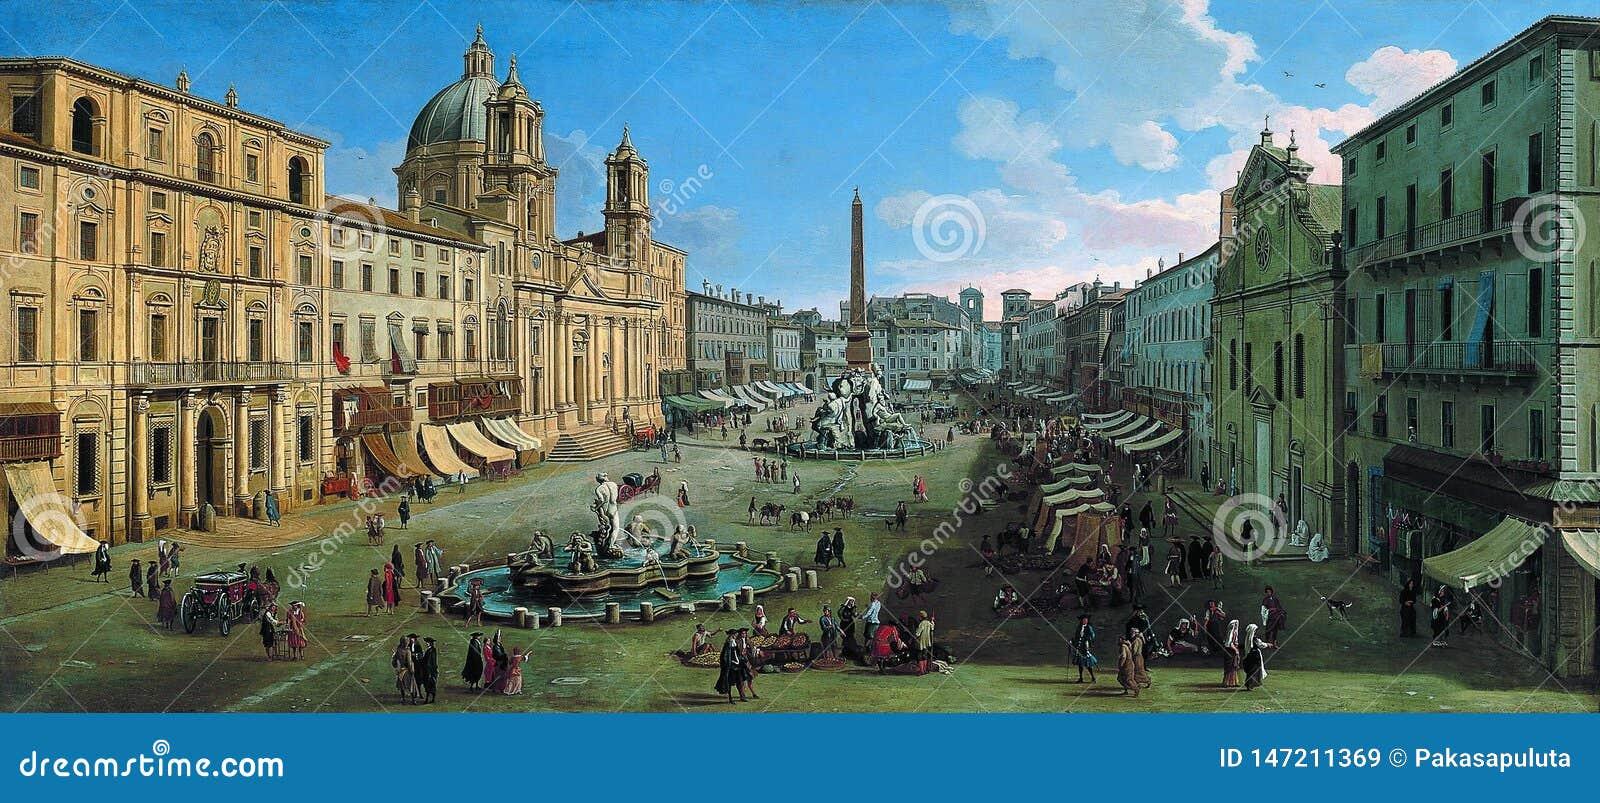 Caspar Adriaansz samochód dostawczy Wittel - piazza Navona, Rzym, 1699